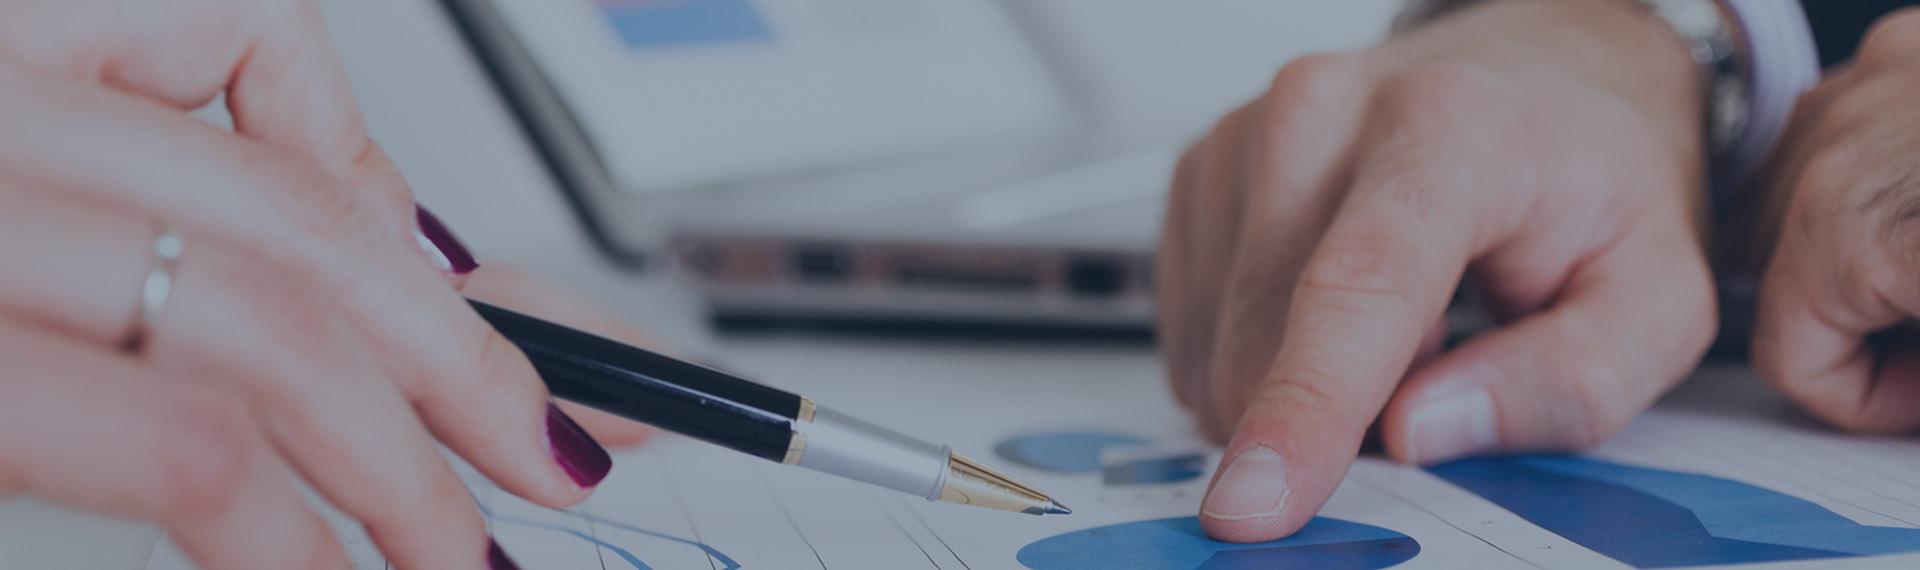 Servicii de Contabilitate, Juridice, Consultanță fiscală,<br>Personal și salarizare